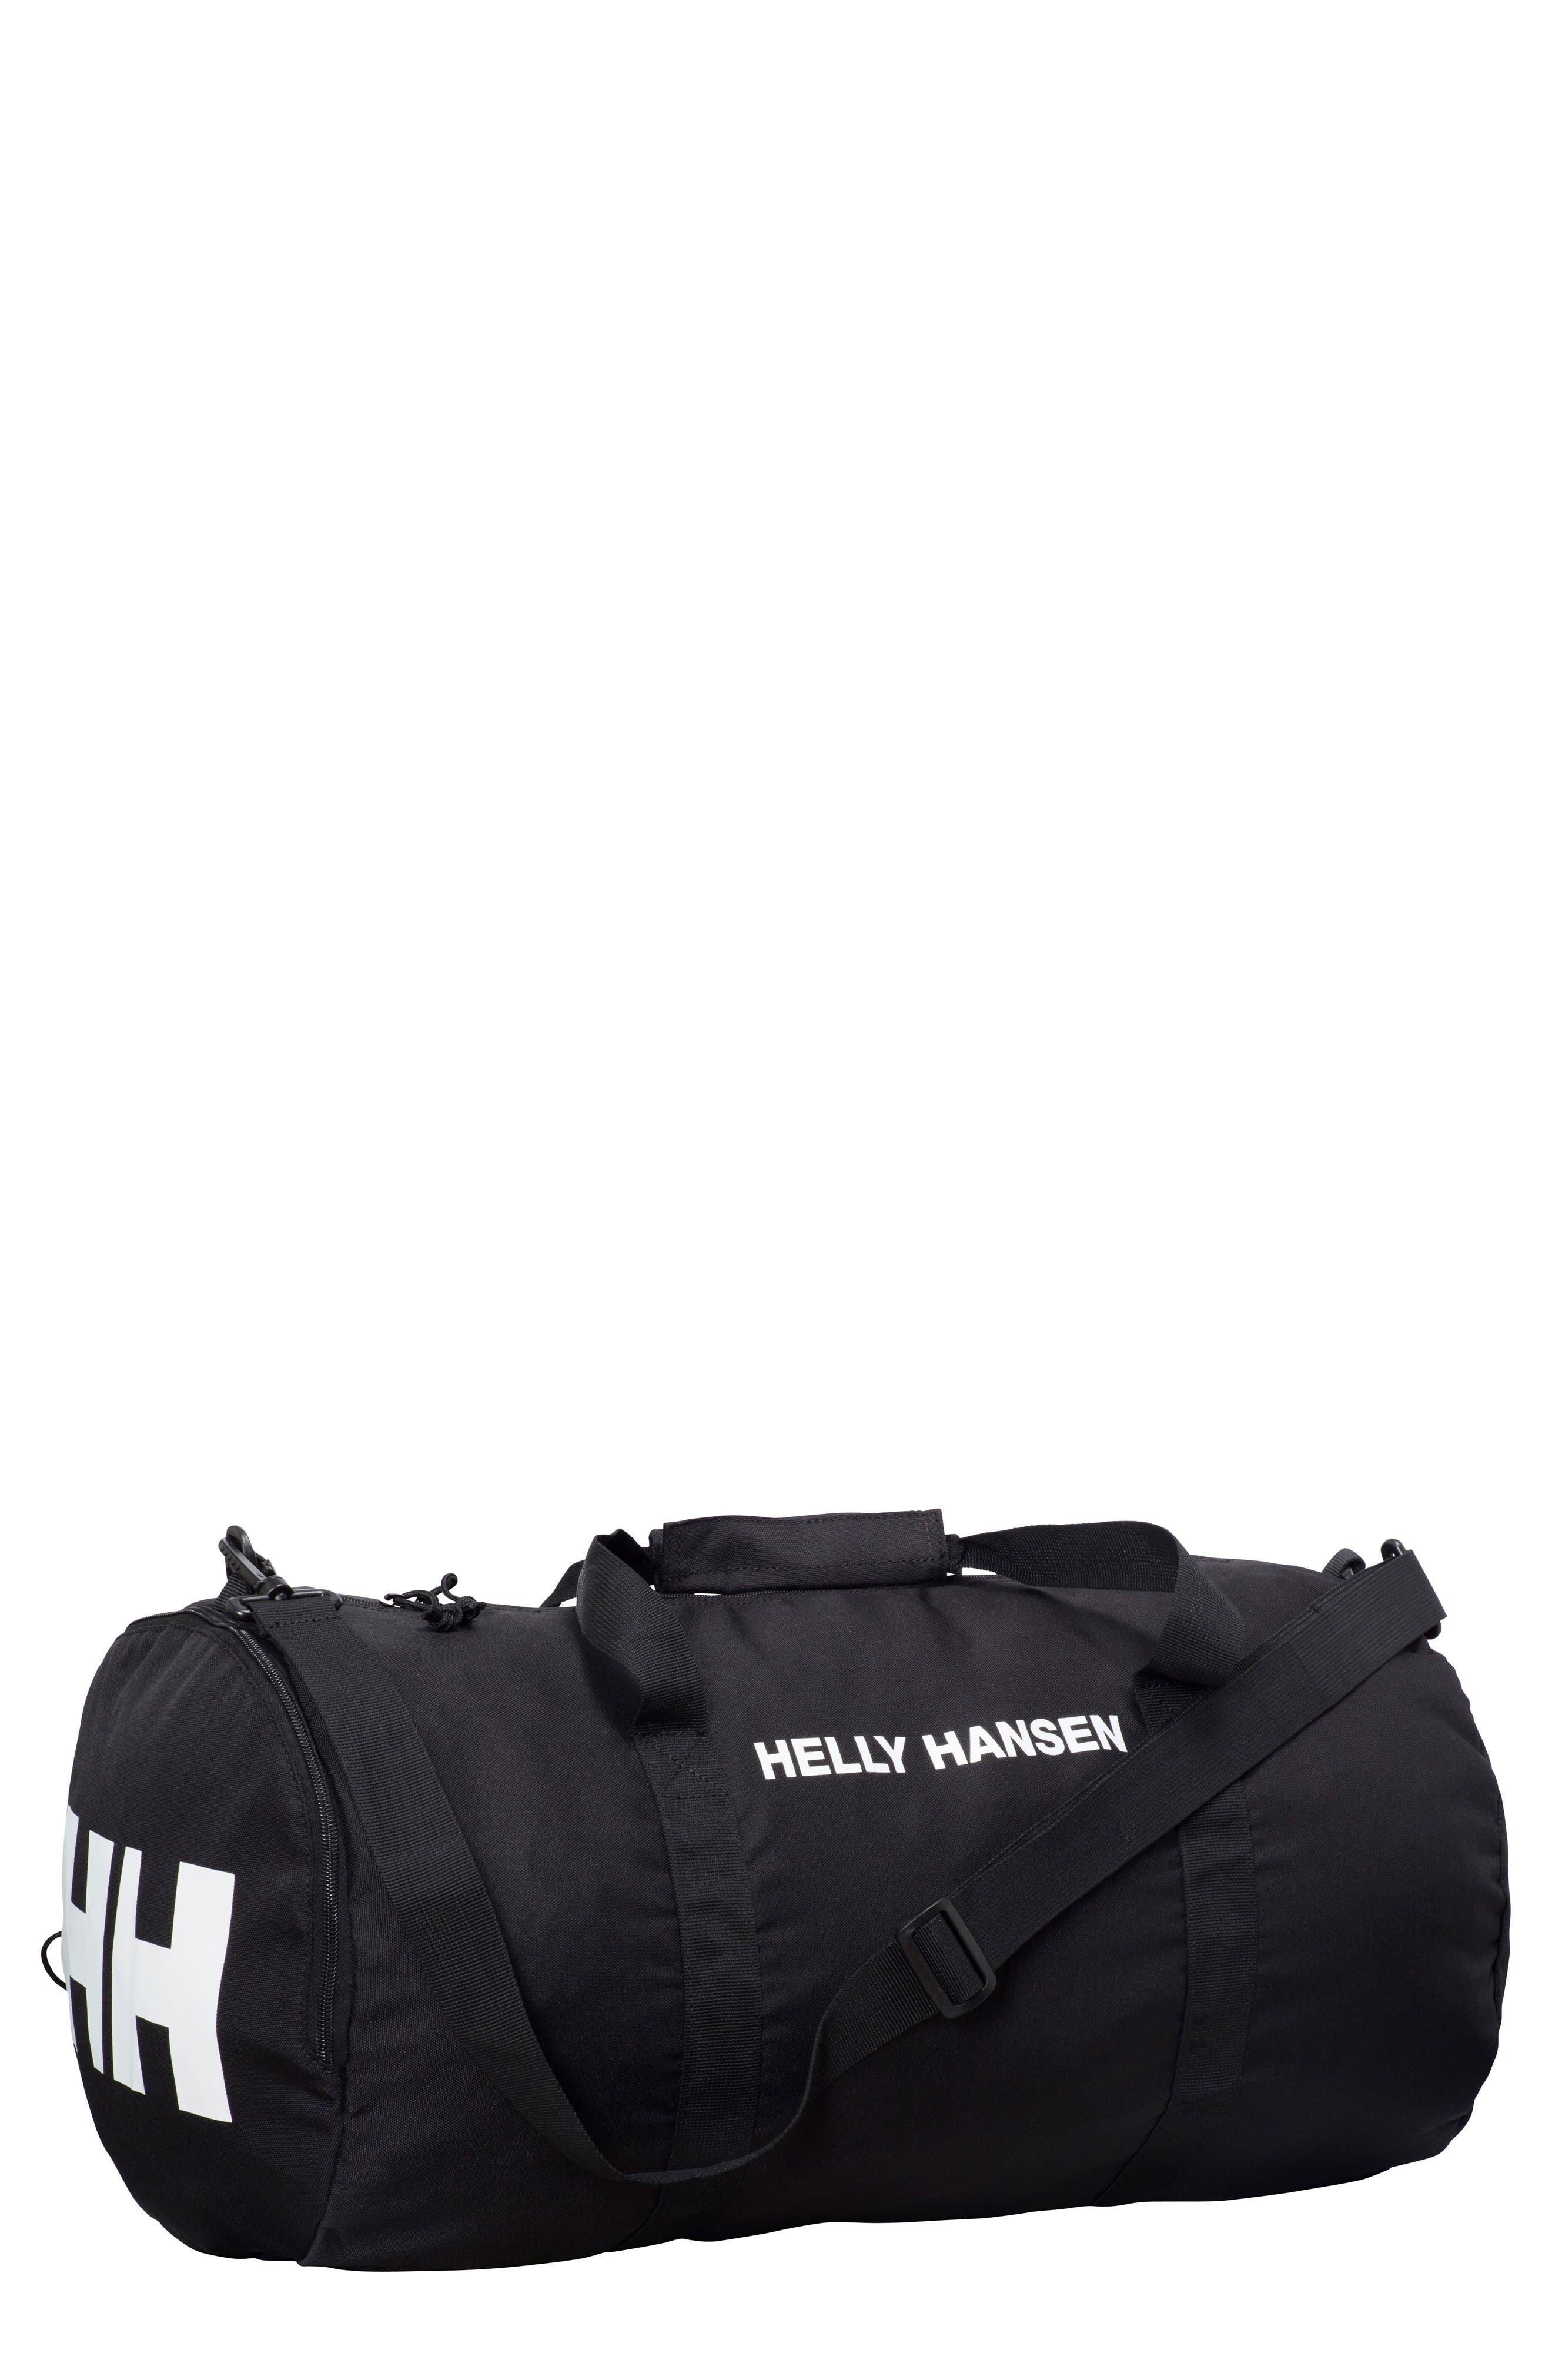 Medium Packable Duffel Bag,                             Main thumbnail 1, color,                             009